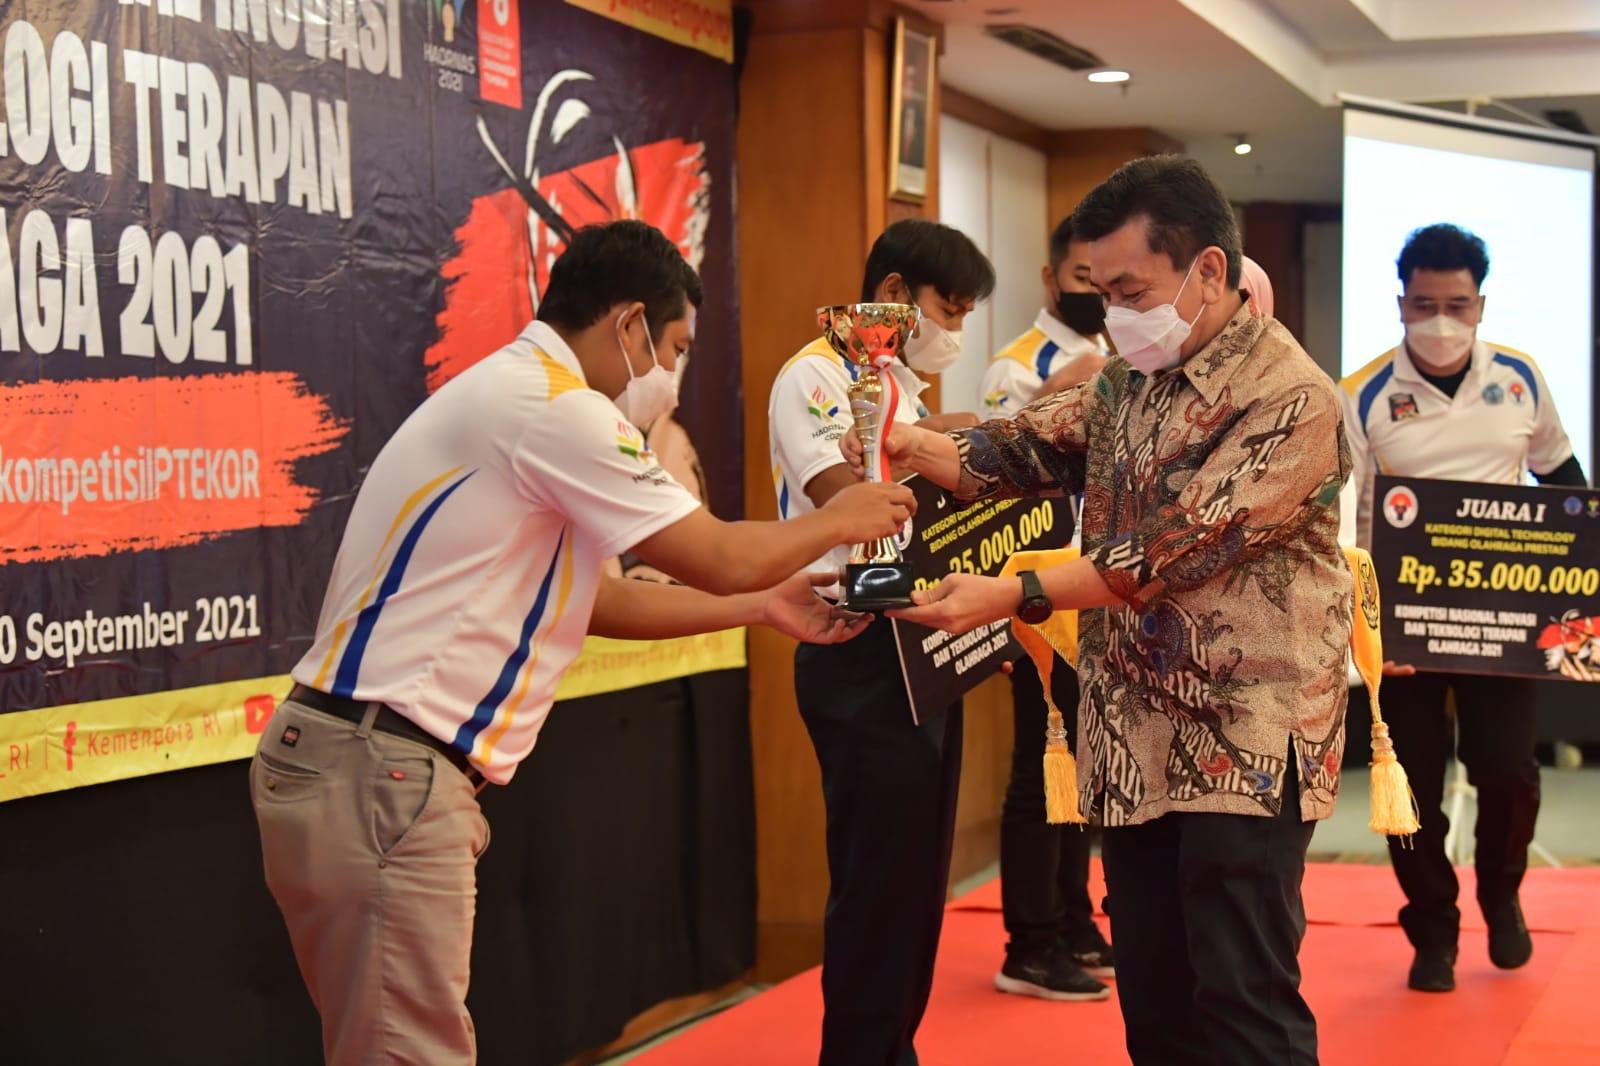 Kemenpora Beri Penghargaan Bagi Para Pemenang Kompetisi Nasional Inovasi dan Teknologi Terapan Olahraga Tahun 2021